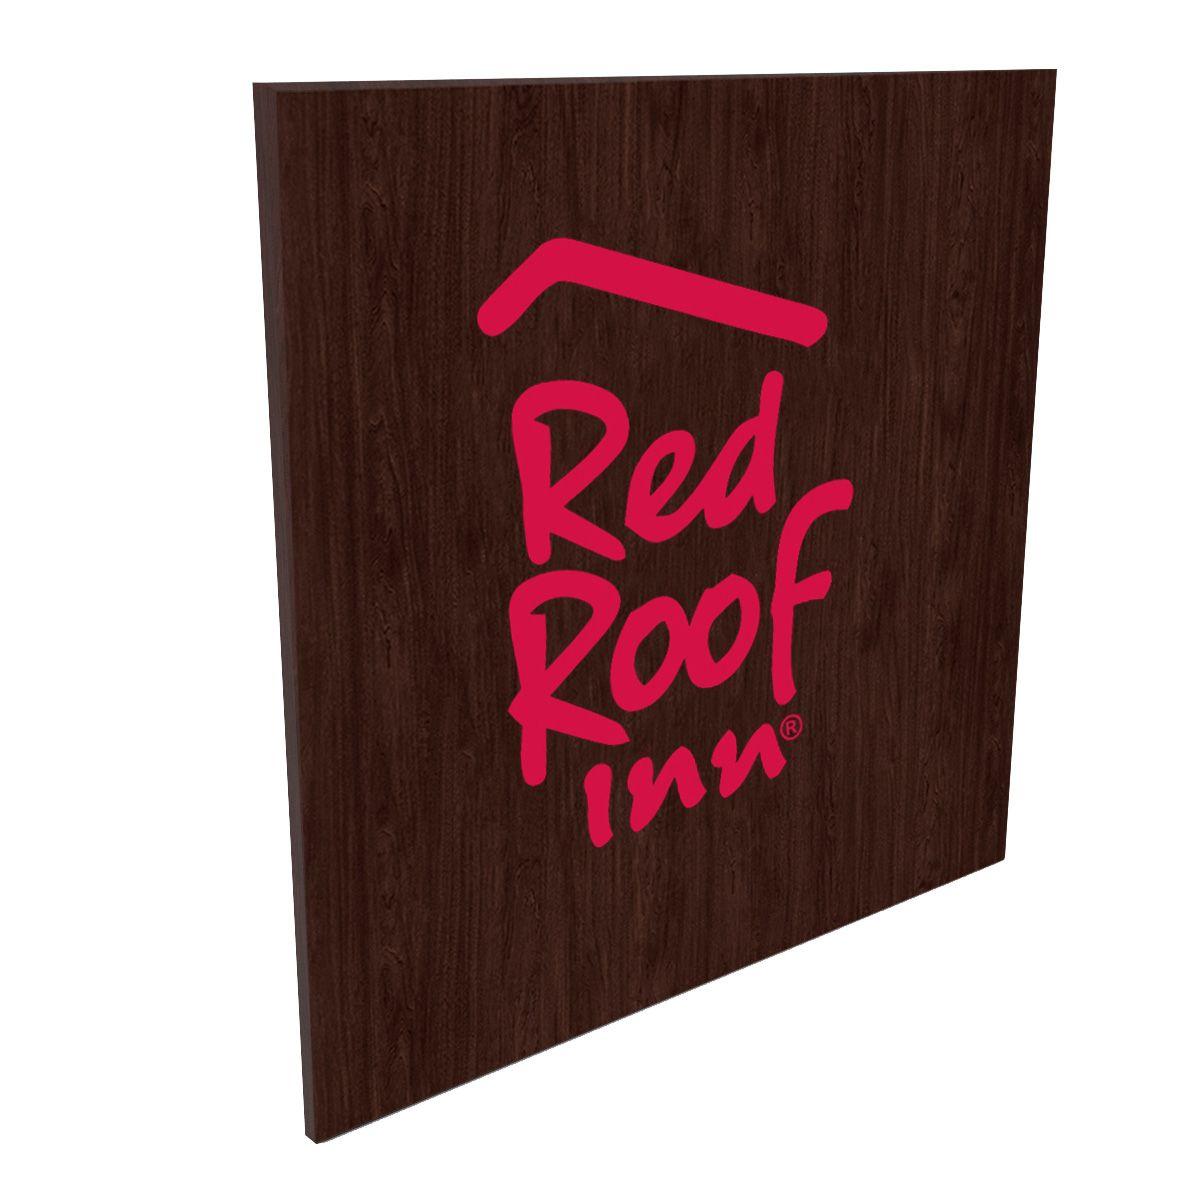 Red Roof Inn - Lobby Sign